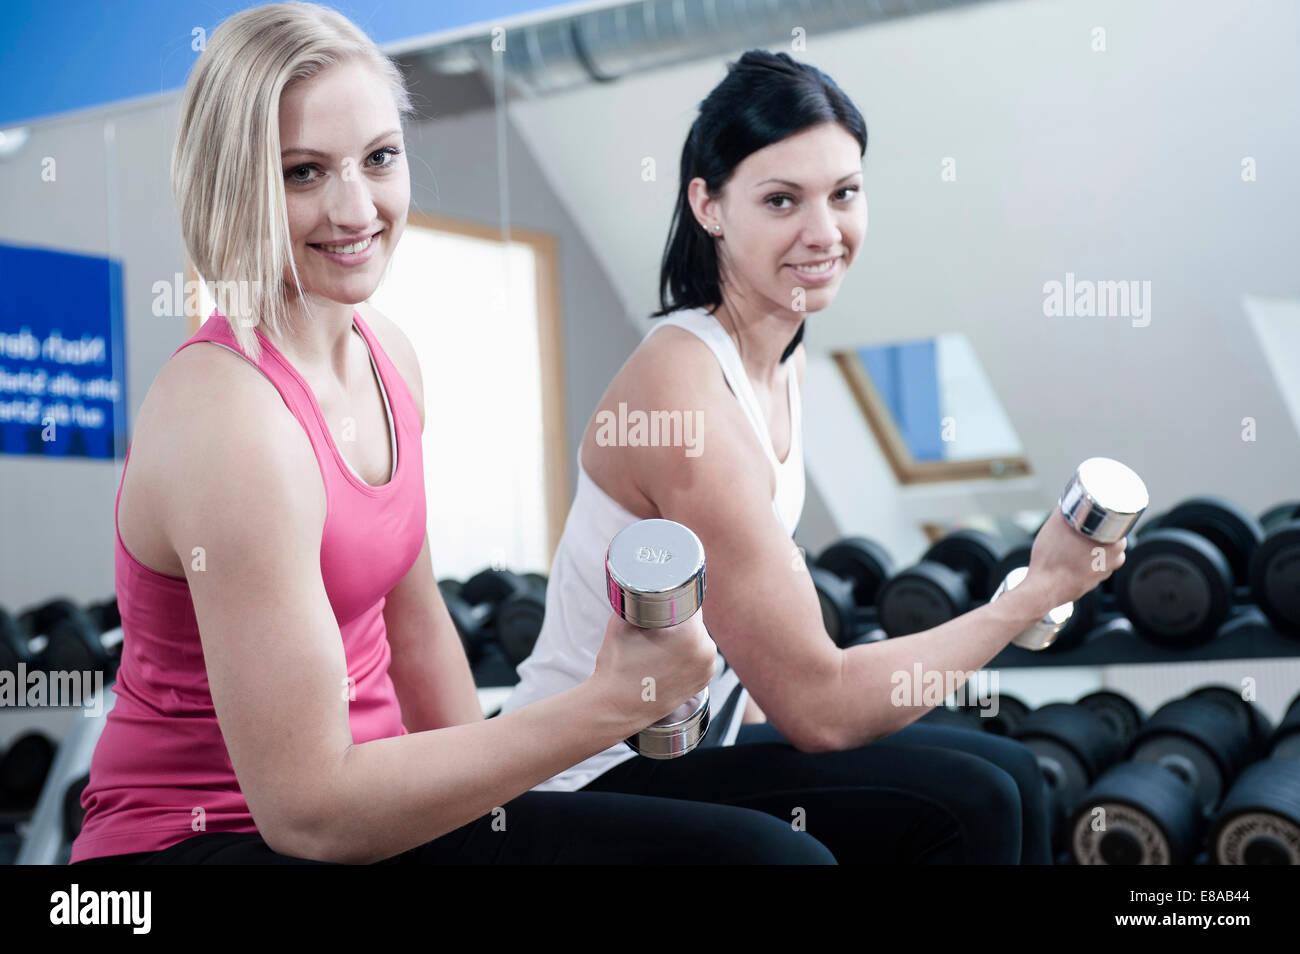 Deux femmes en sport faire la formation de poids Photo Stock